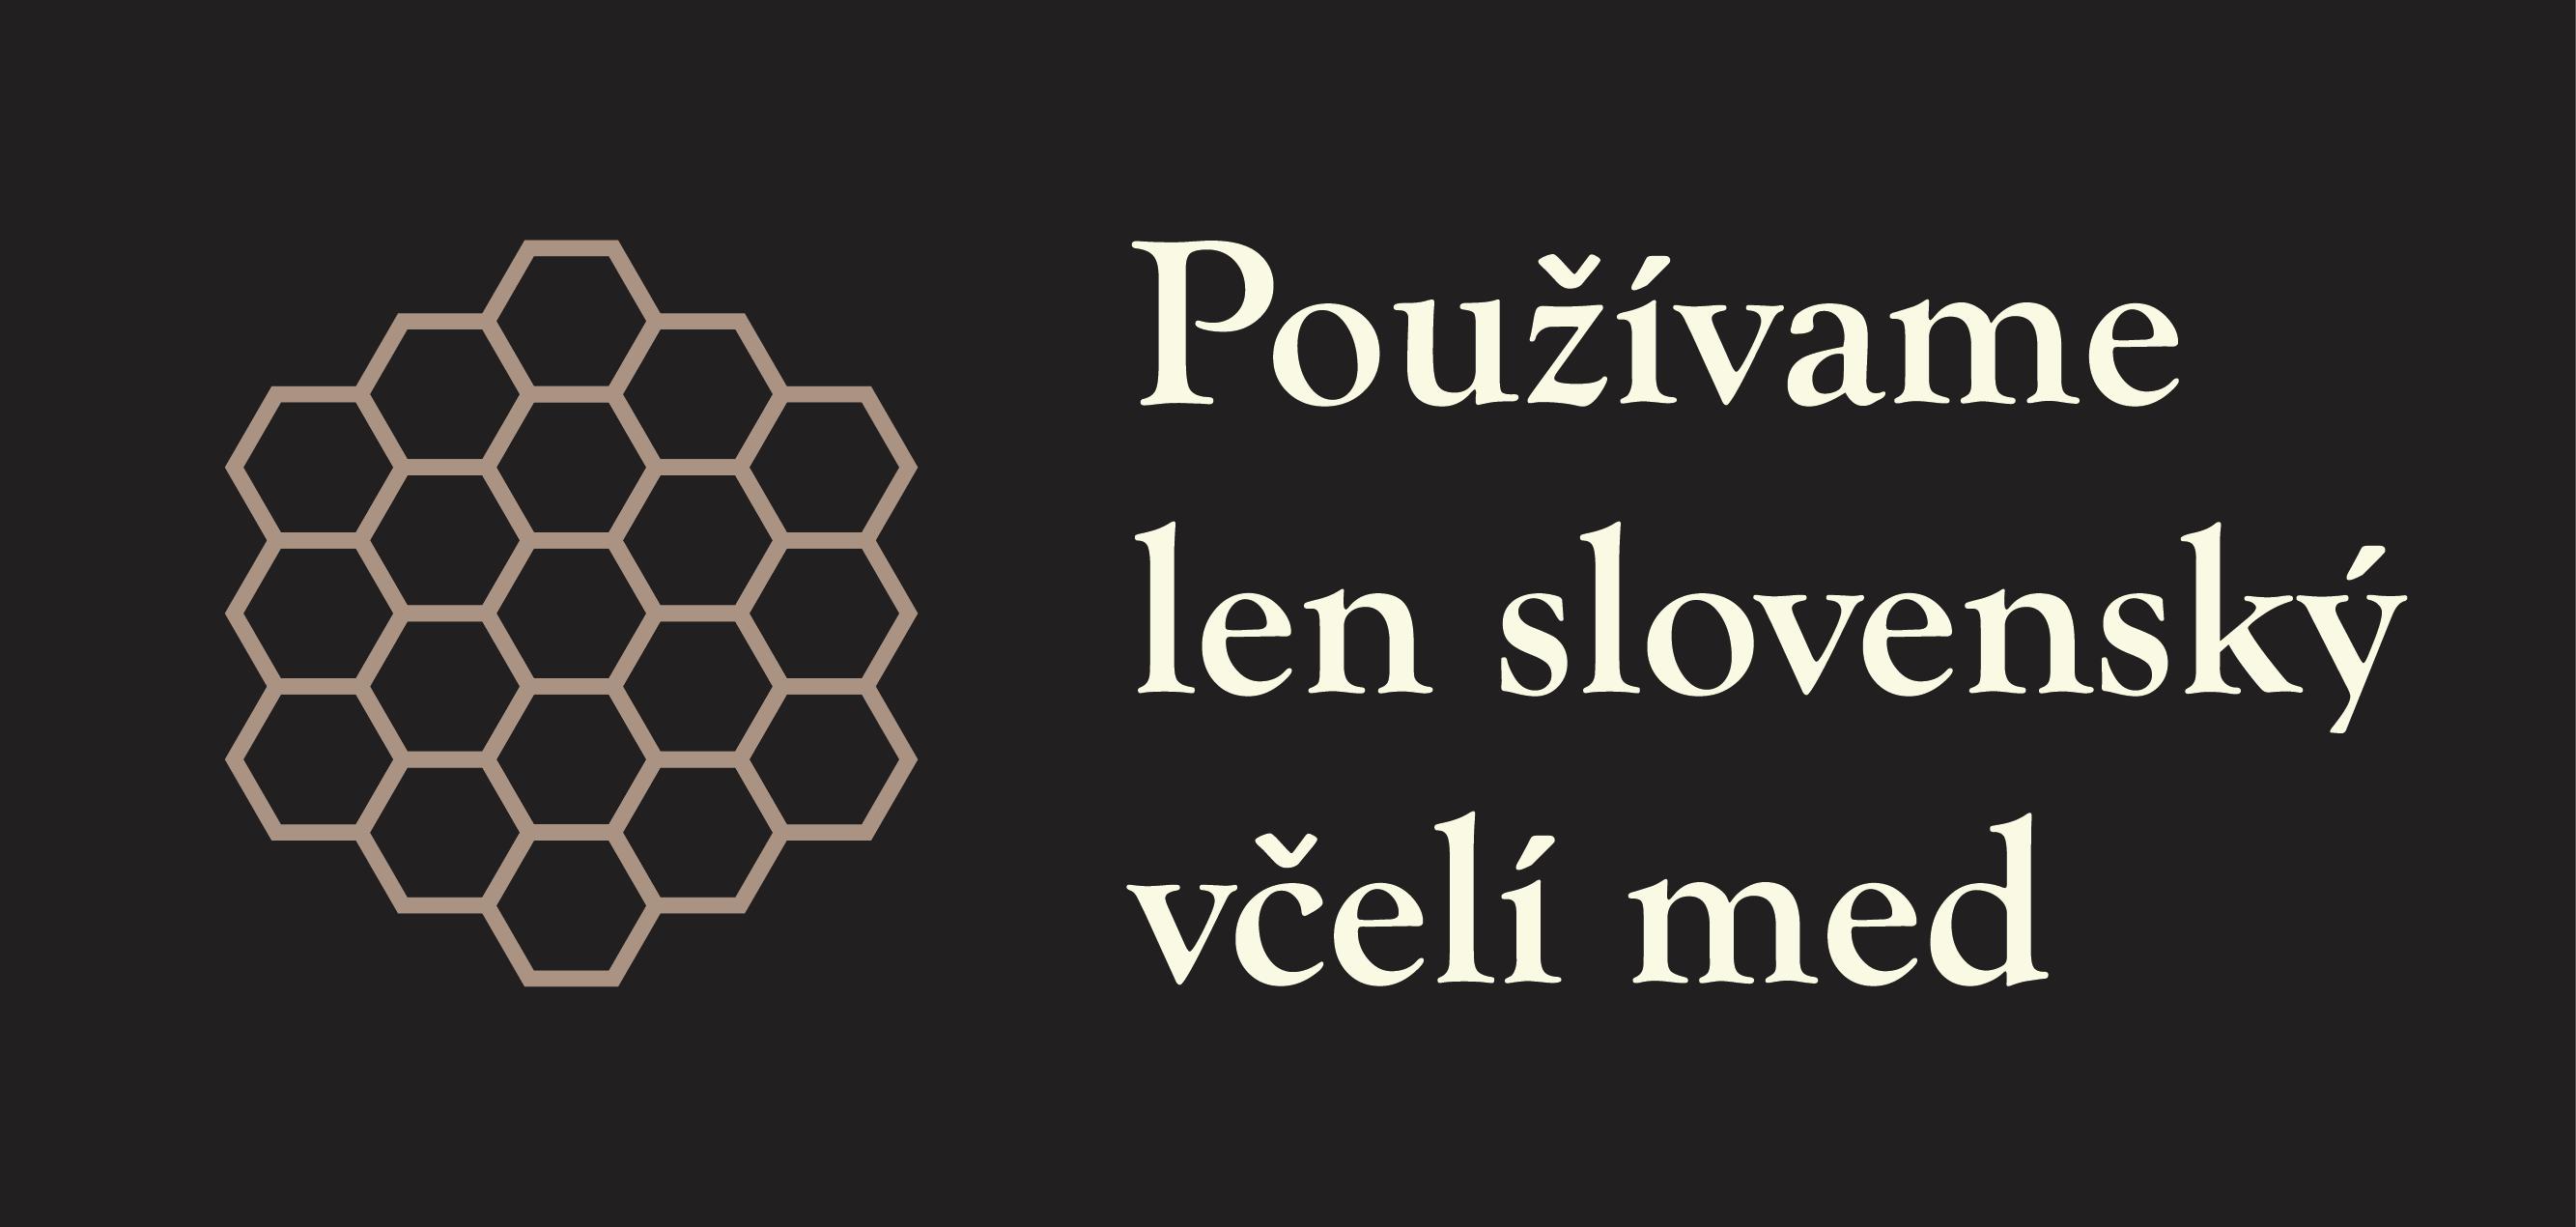 Slovenský med